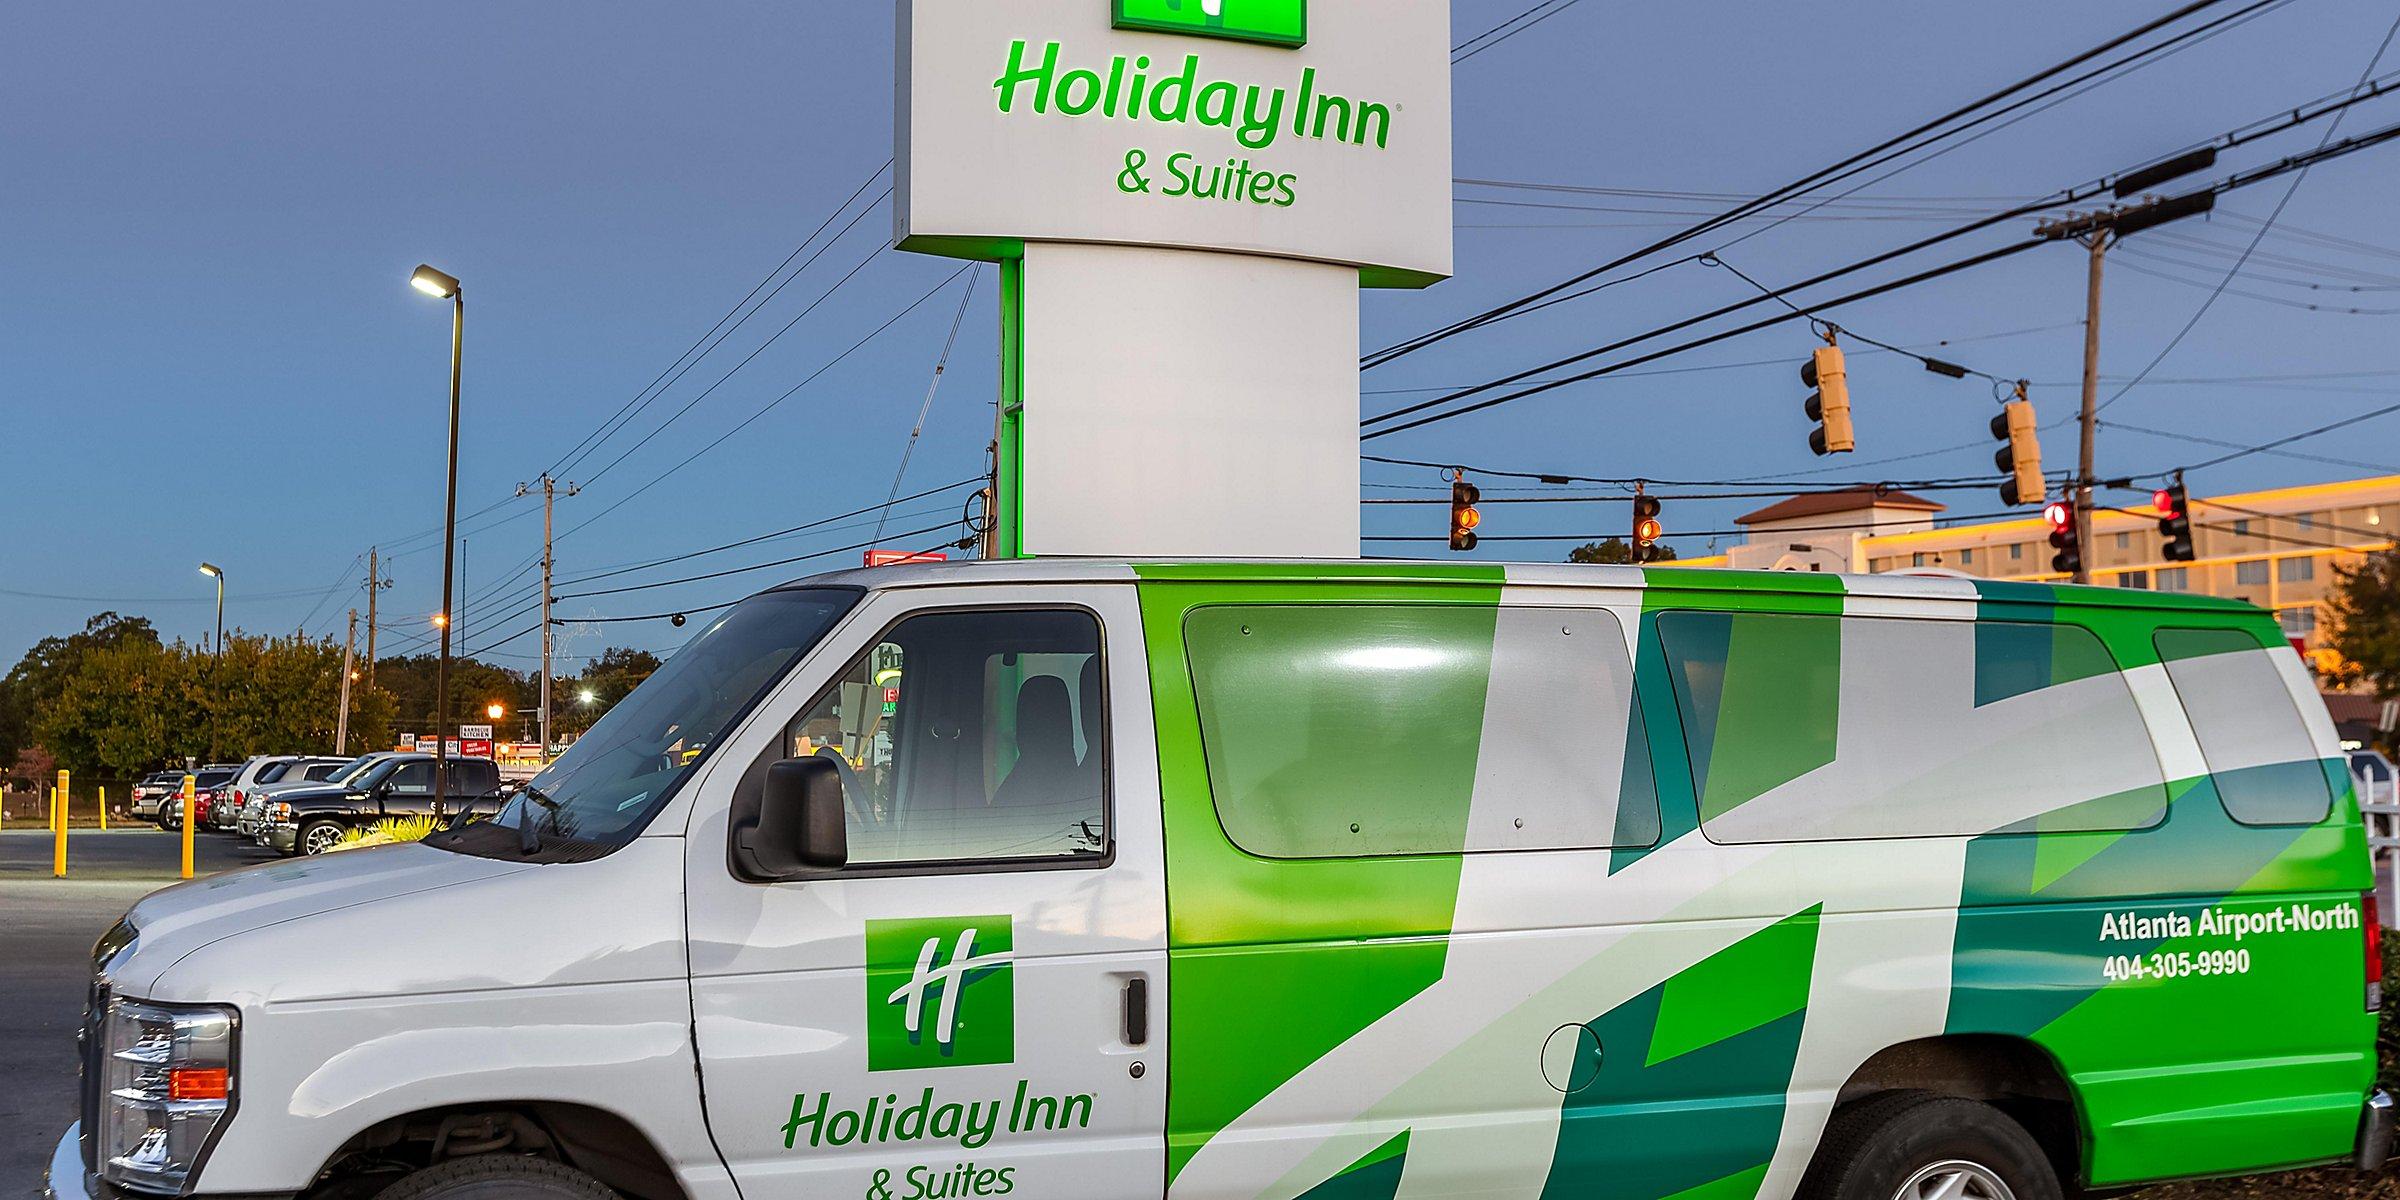 pet friendly hotels near atlanta airport holiday inn suites atlanta airport north holiday inn suites atlanta airport